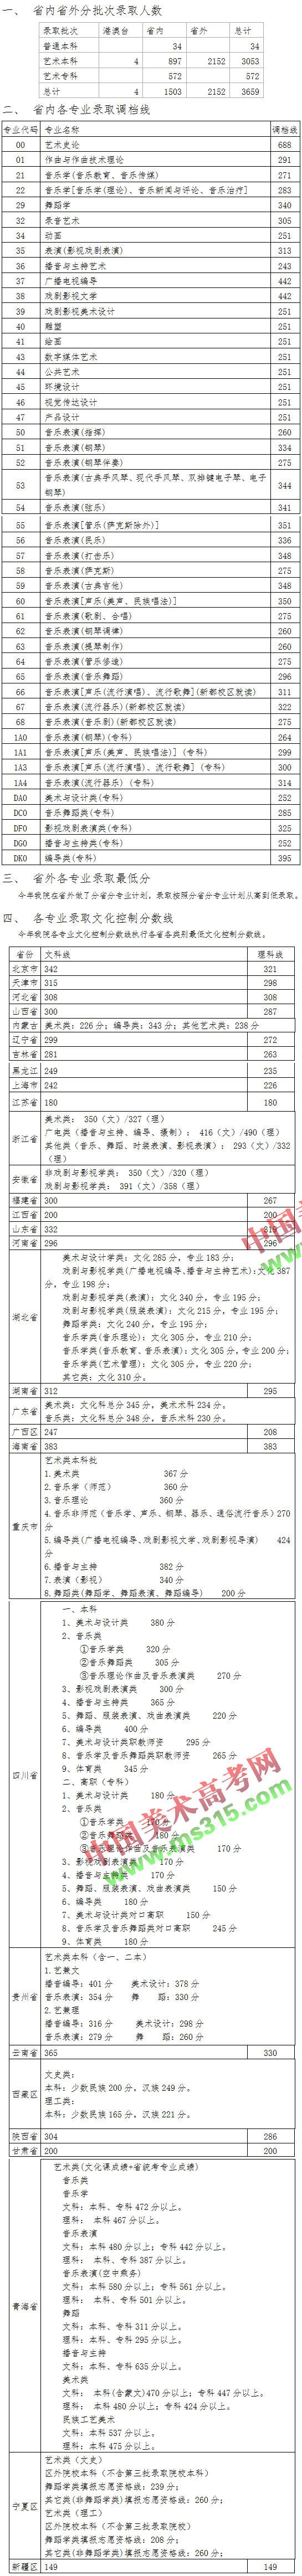 2015年四川音乐学院录取统计.jpg